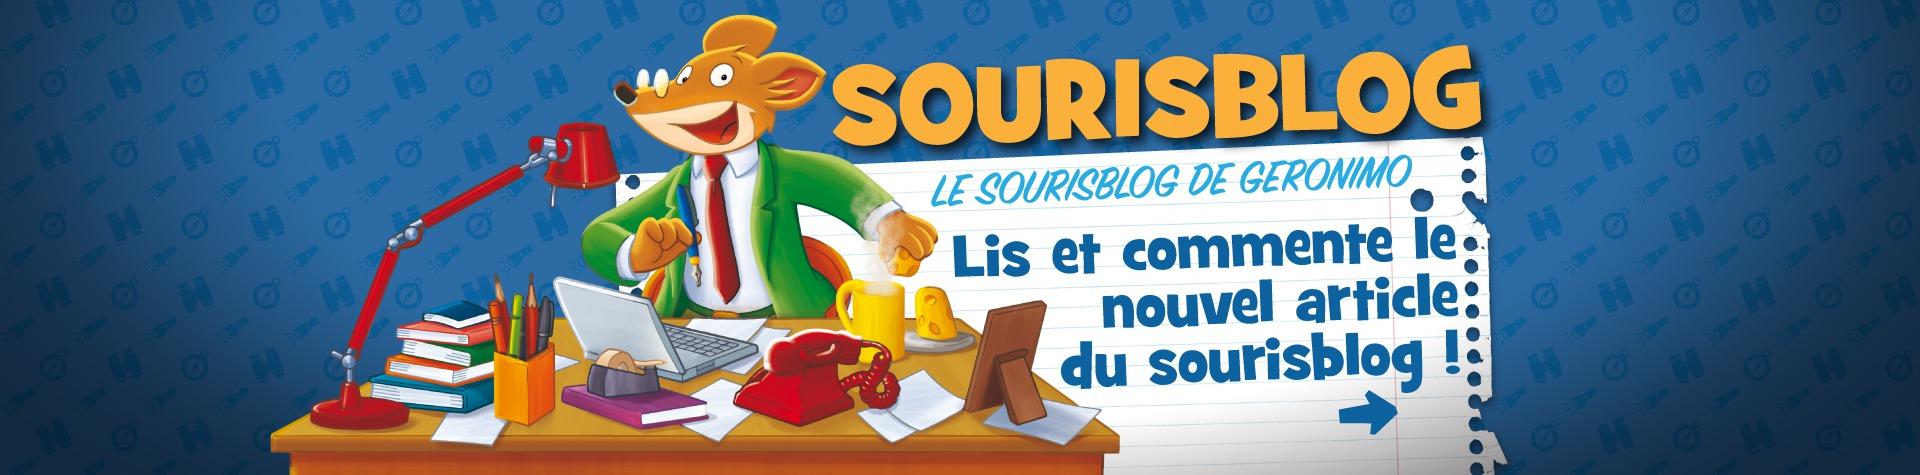 Lis le Sourisblog !